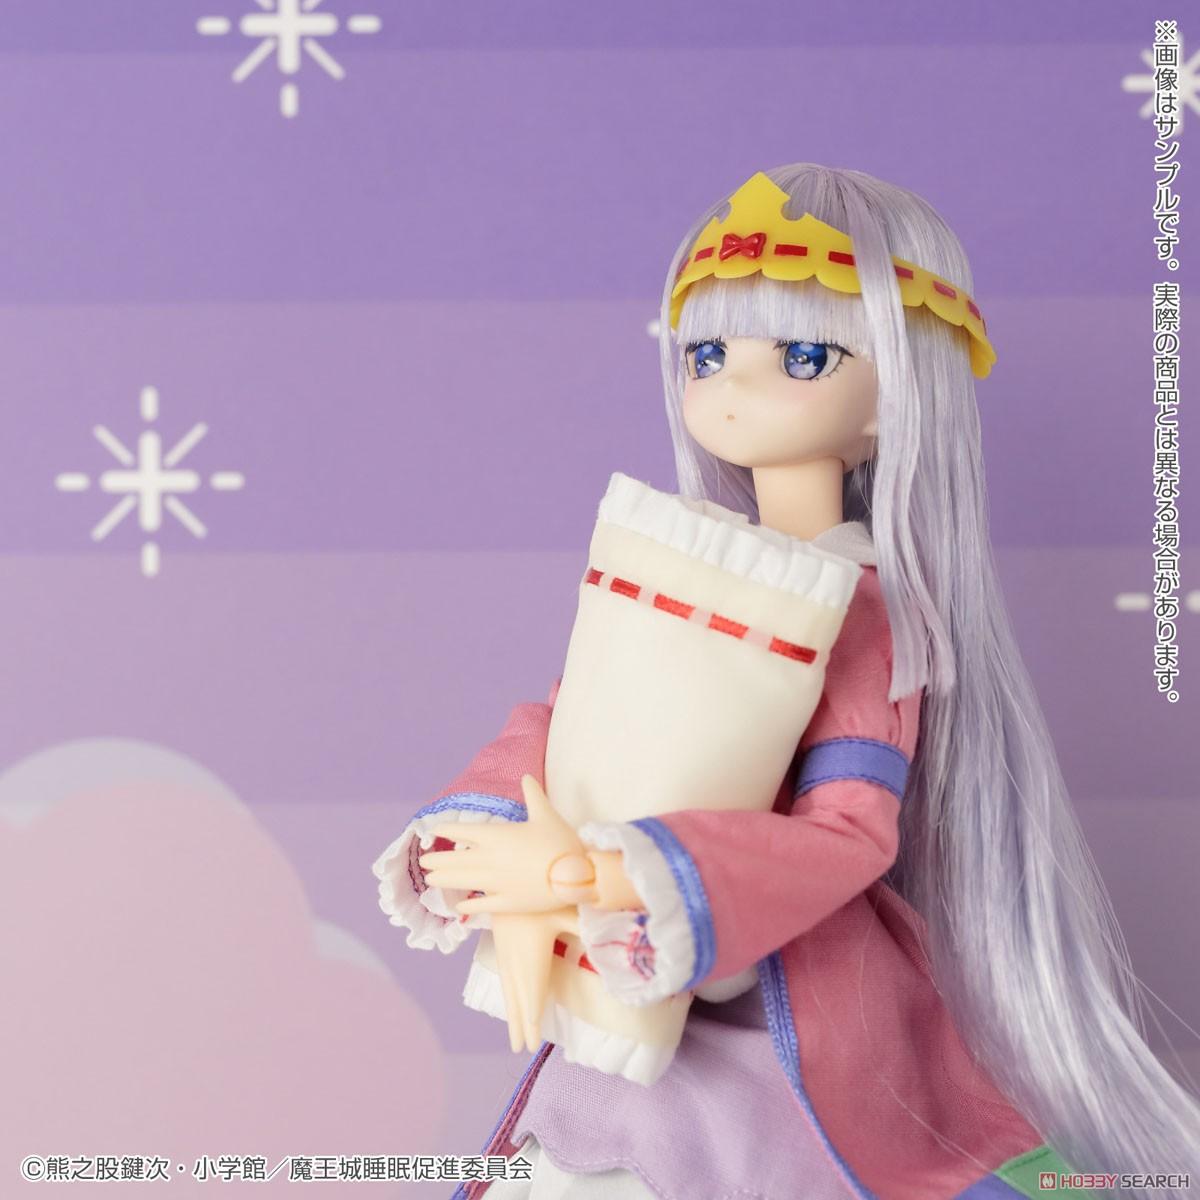 ピュアニーモ キャラクターシリーズ No.138『スヤリス姫』魔王城でおやすみ 1/6 完成品ドール-008